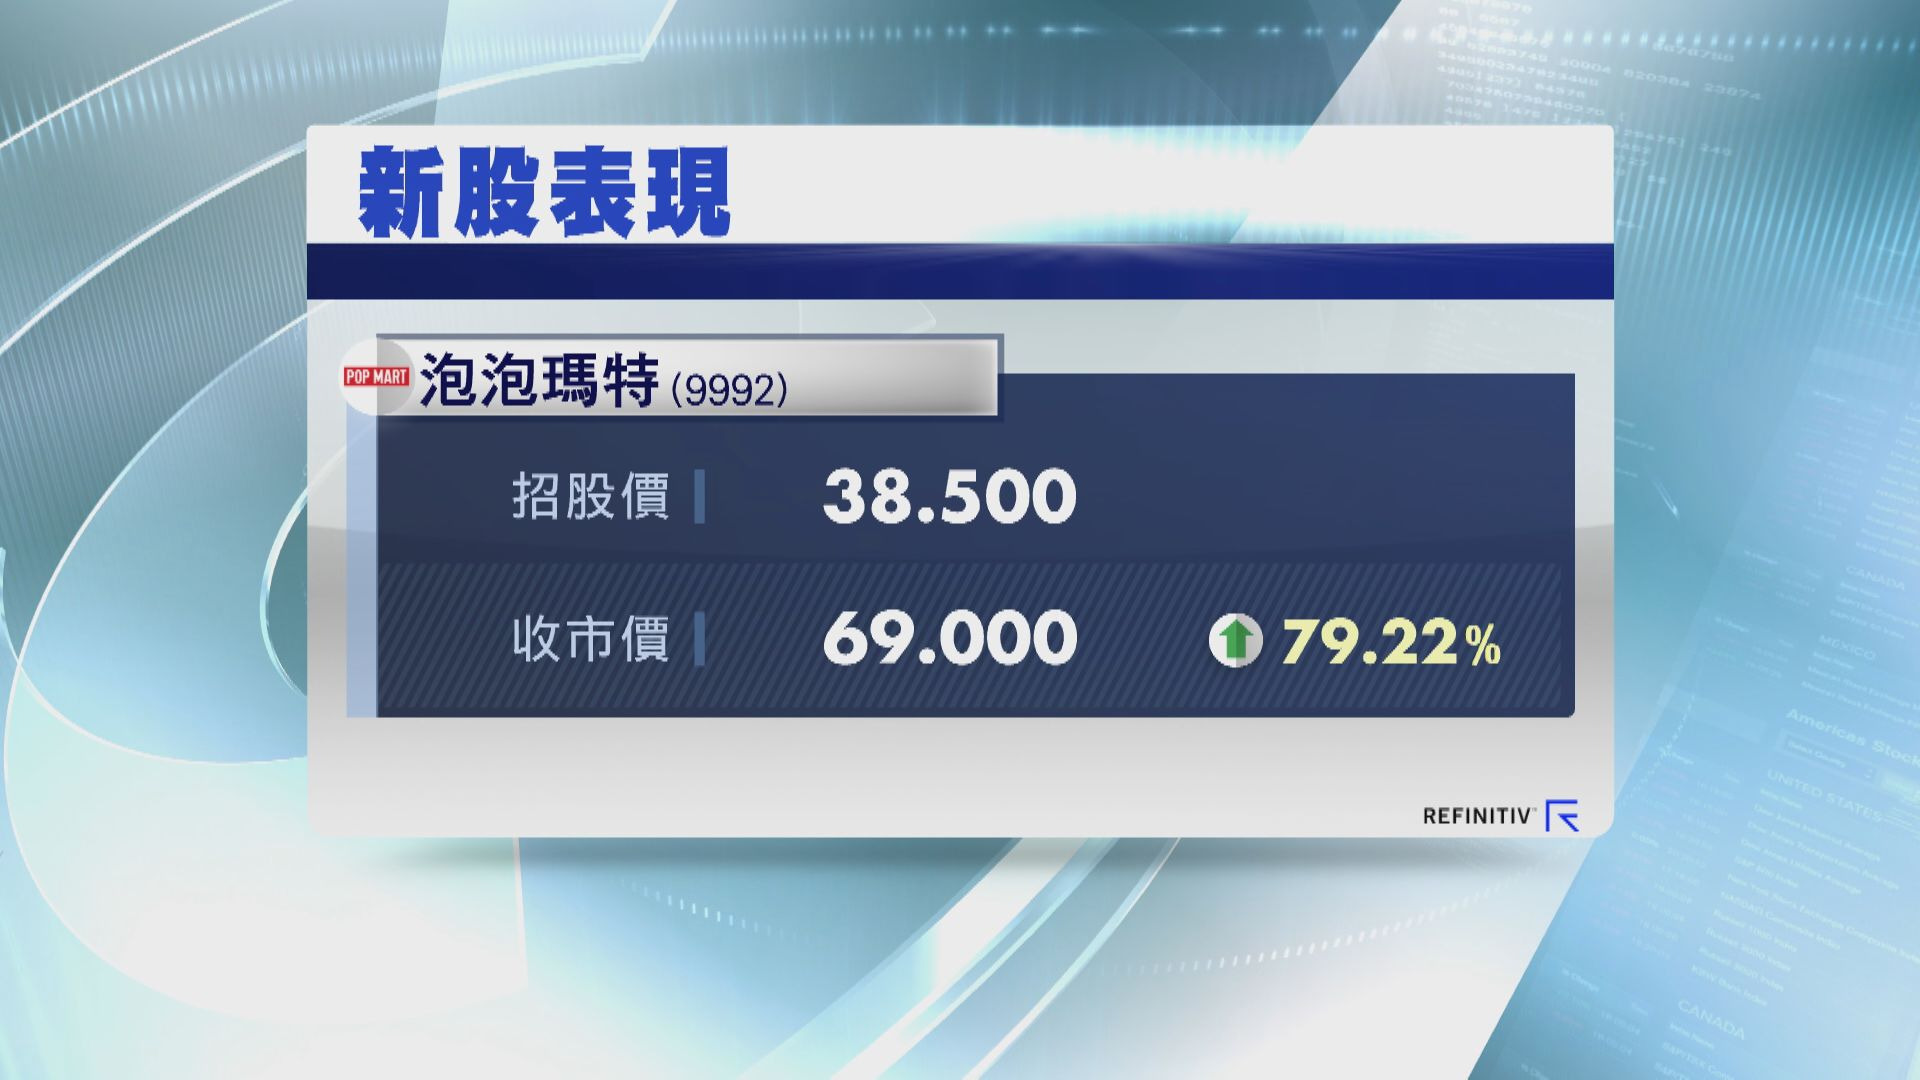 新股泡泡瑪特首掛急升 曾較招股價高逾1.1倍